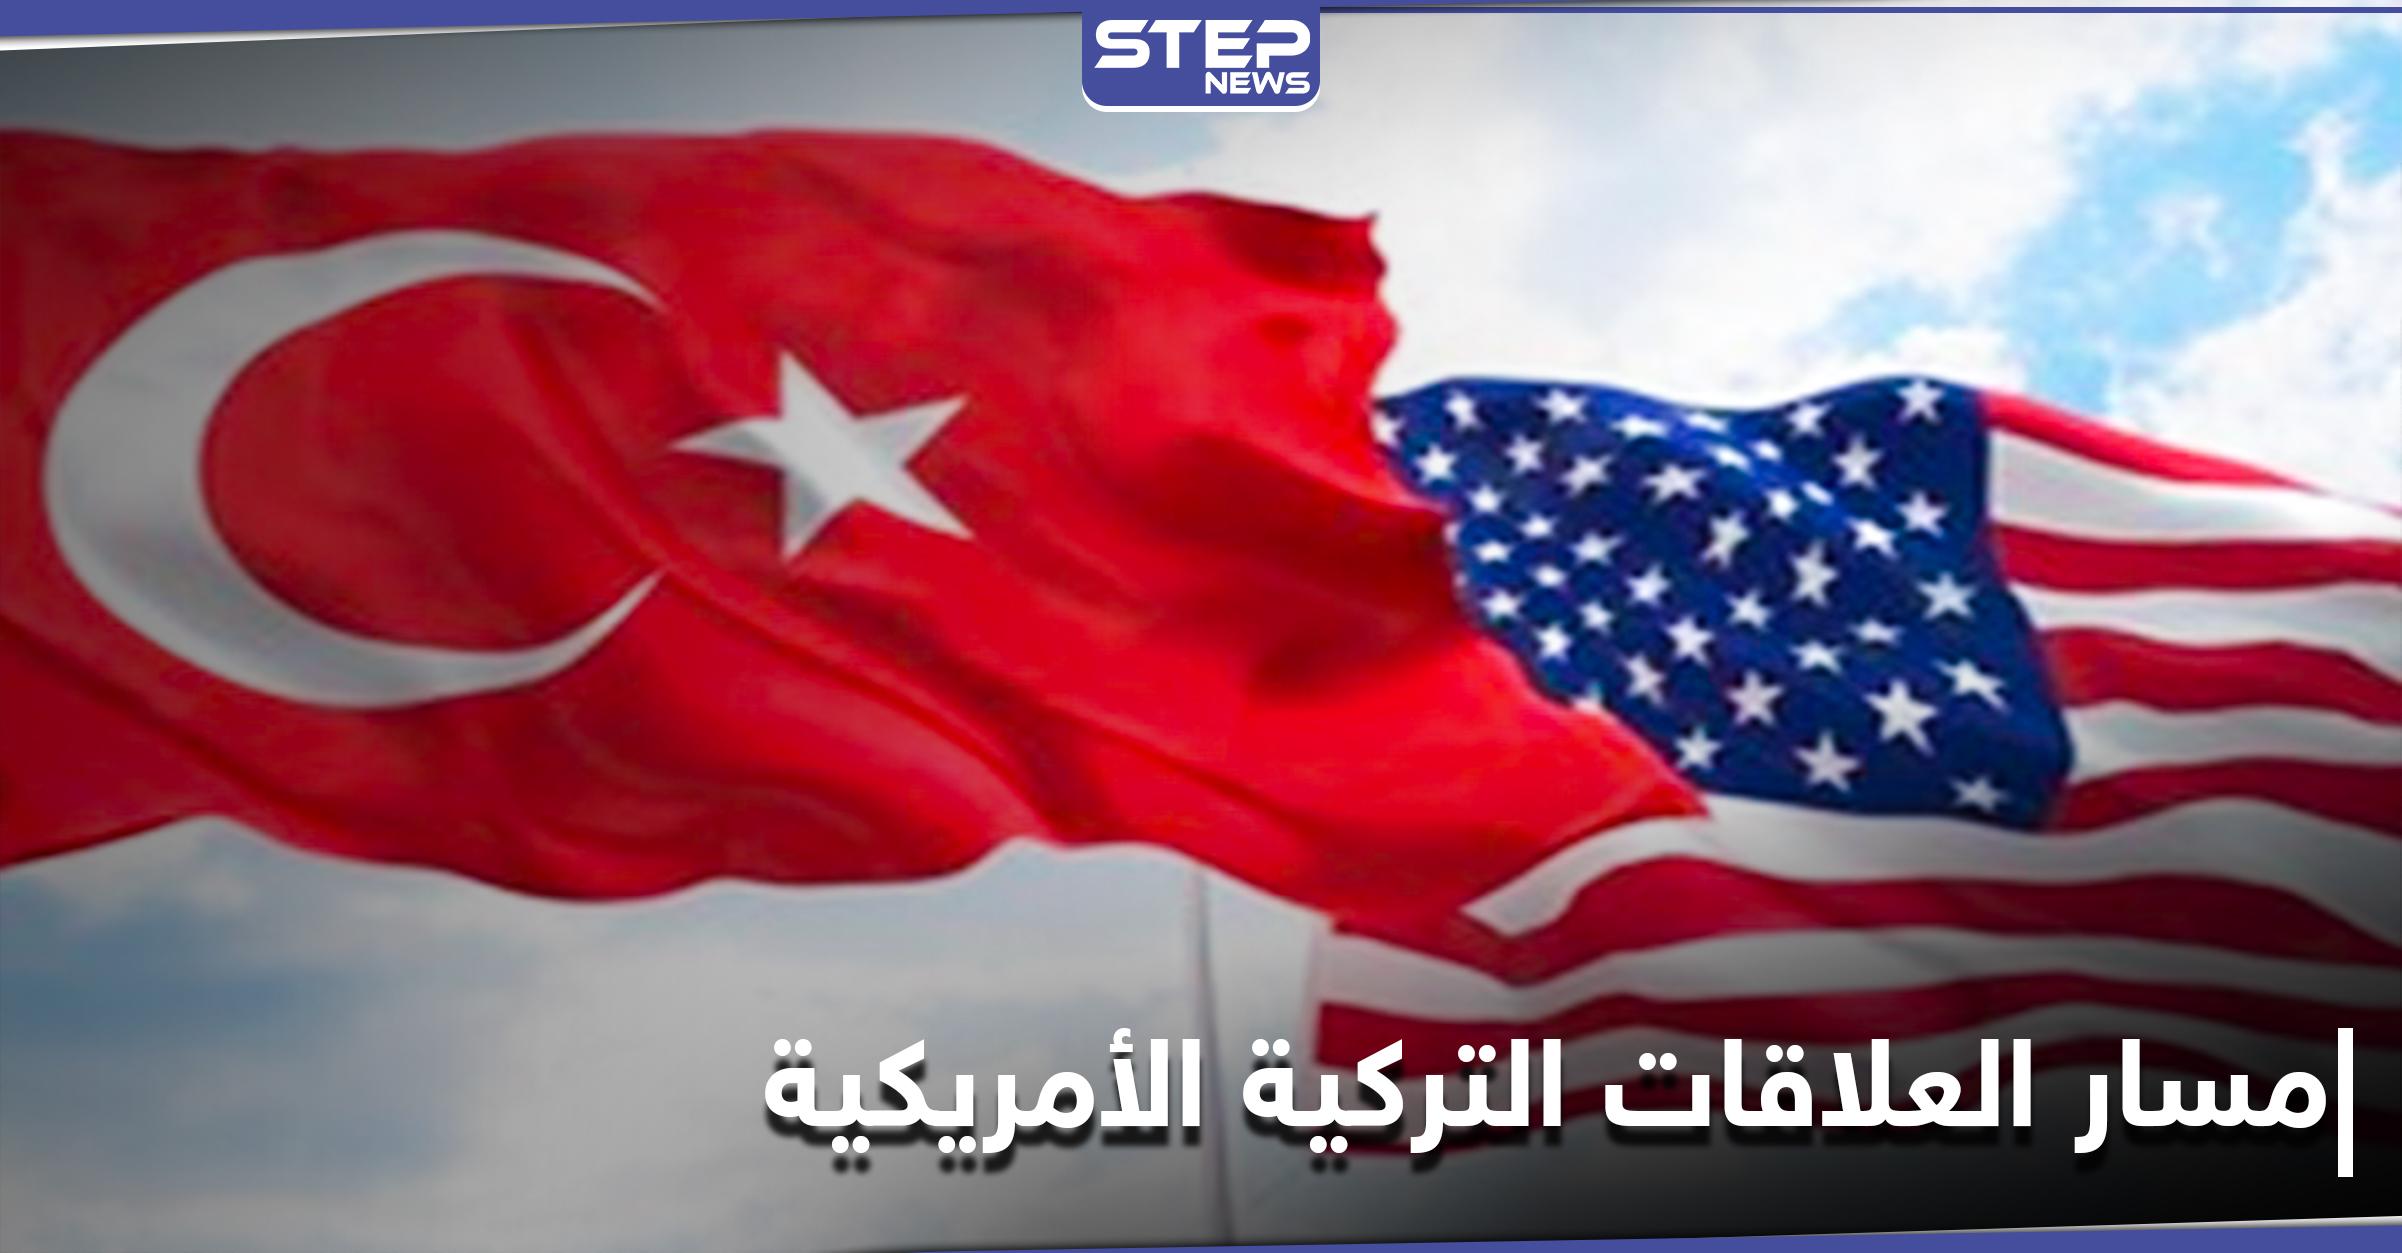 """جيمس جيفري: العلاقات التركية الأمريكية تتجه للتحسن في الفترة المقبلة... ولا هامش """"للخطأ الآن"""""""